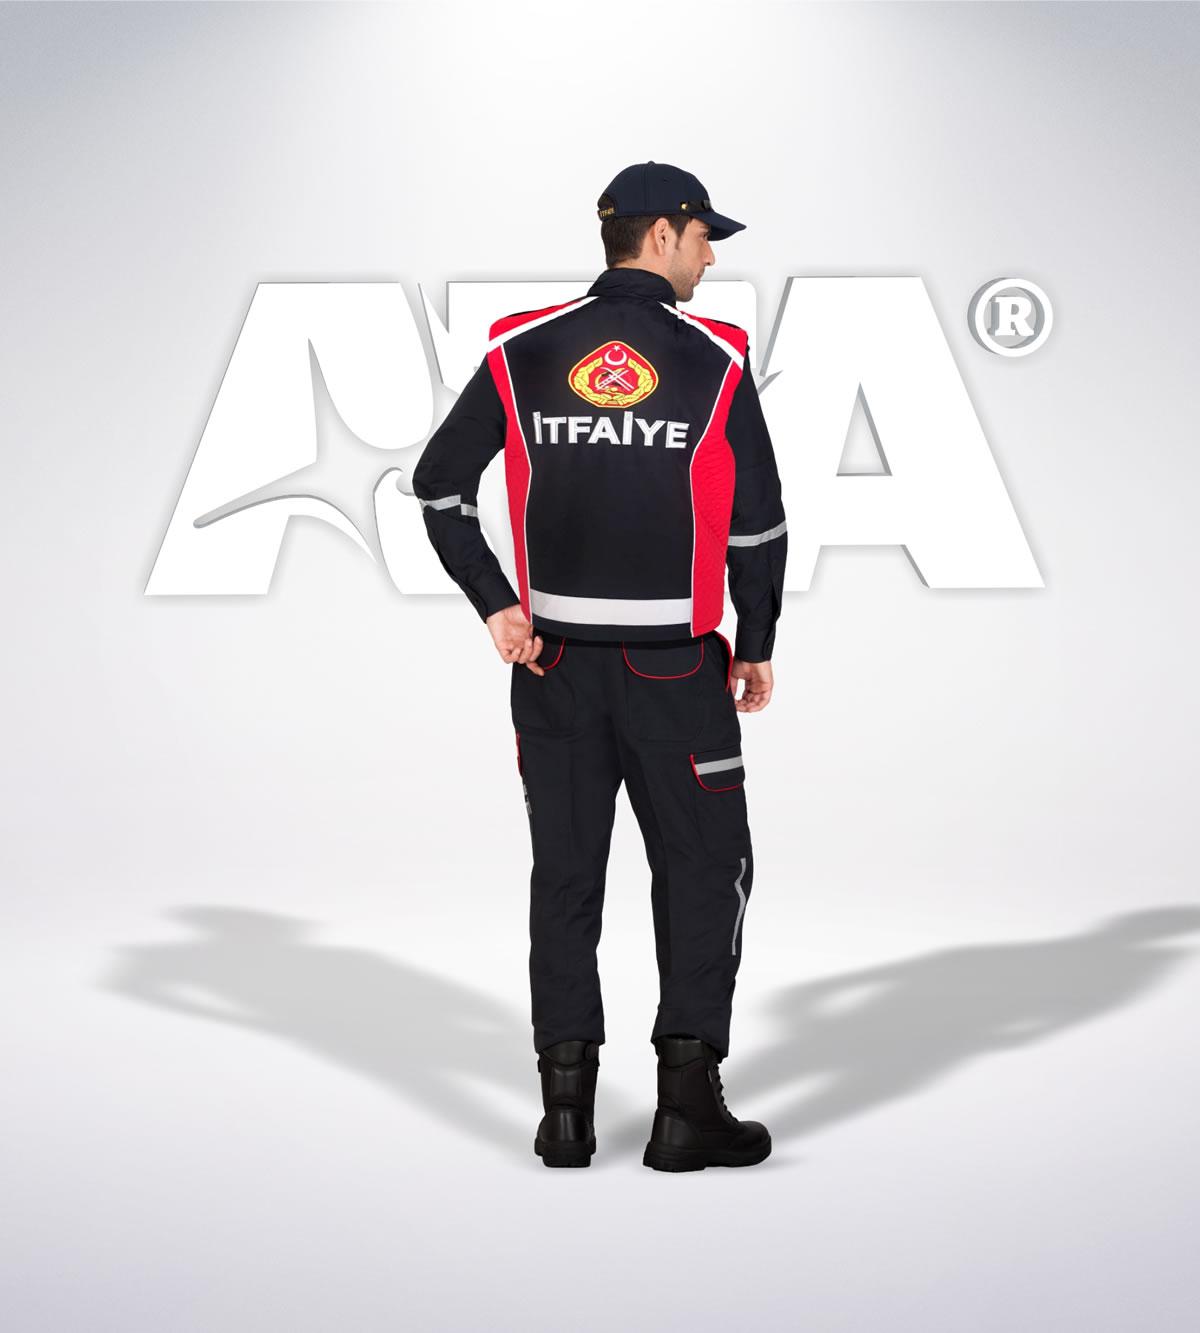 ATA 302 - Pantolon ribstop -reflektör- yelek - aksesuar - itfaiye elbiseleri | itfaiye üniformaları | itfaiye kıyafetleri